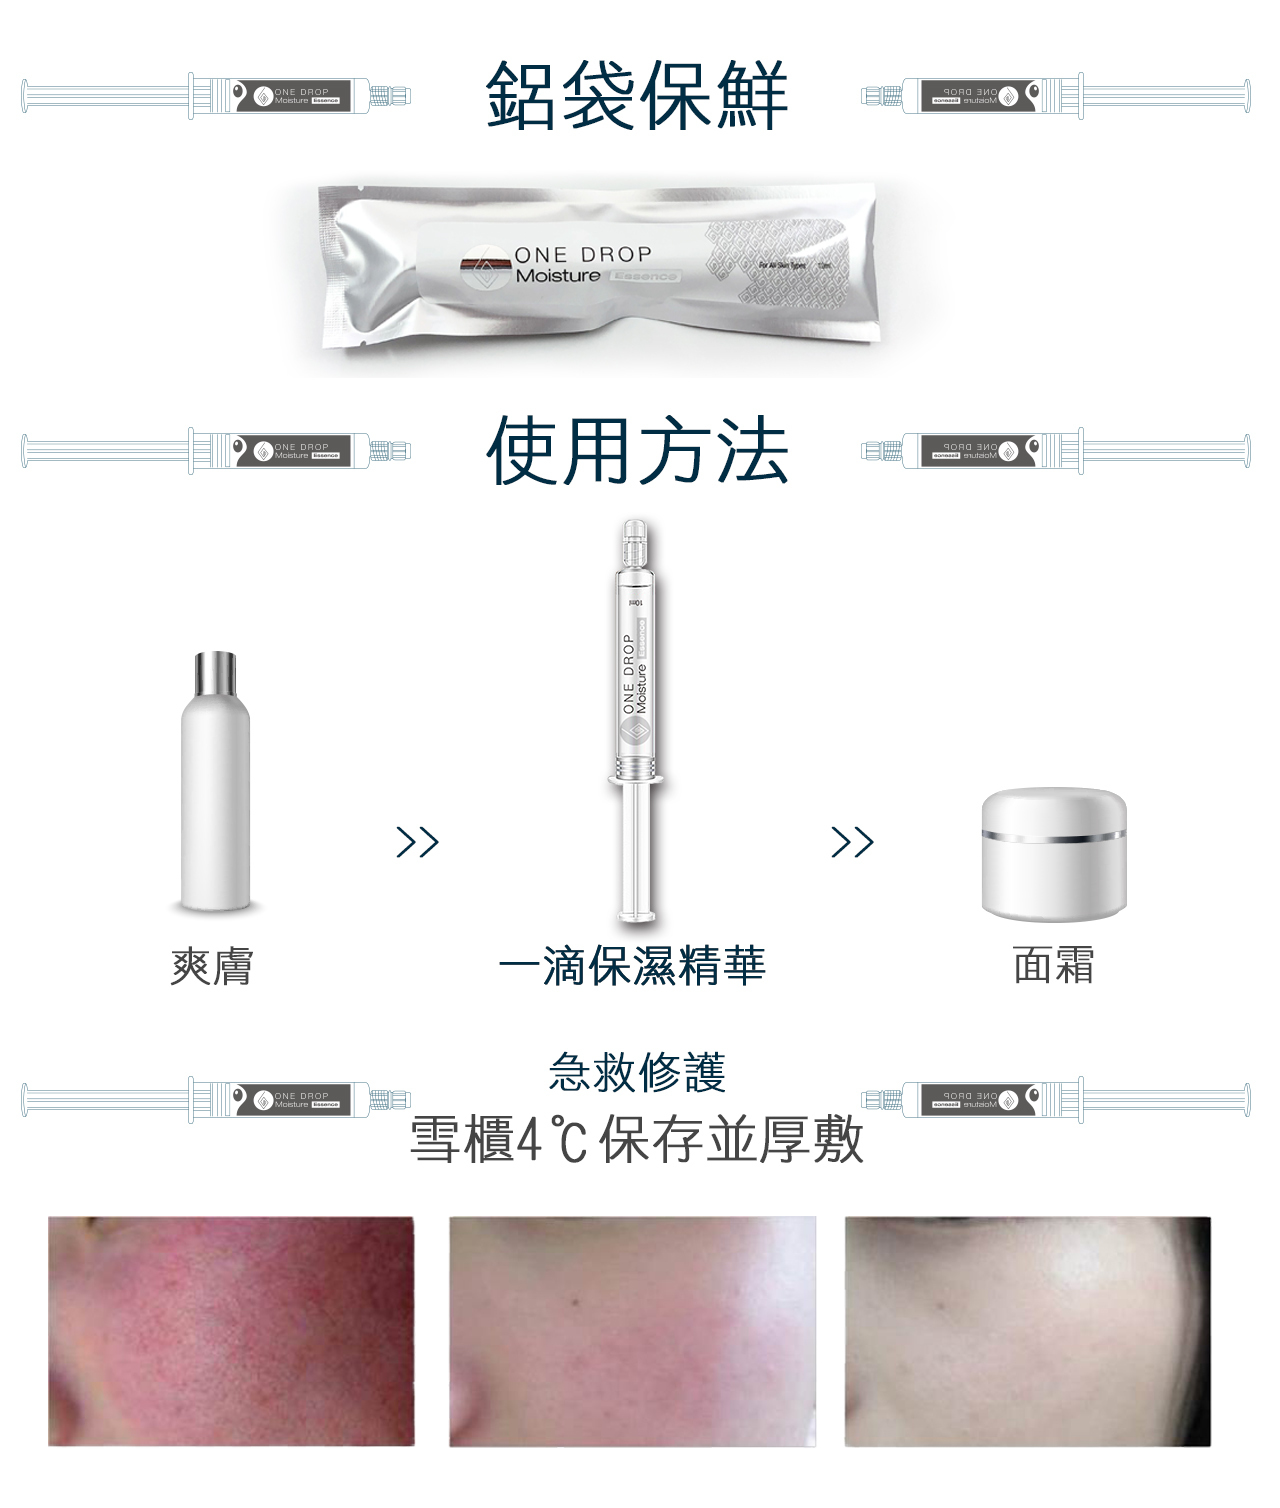 乾燥肌膚護膚程序 | 男士護膚程序 | 女士護膚程序